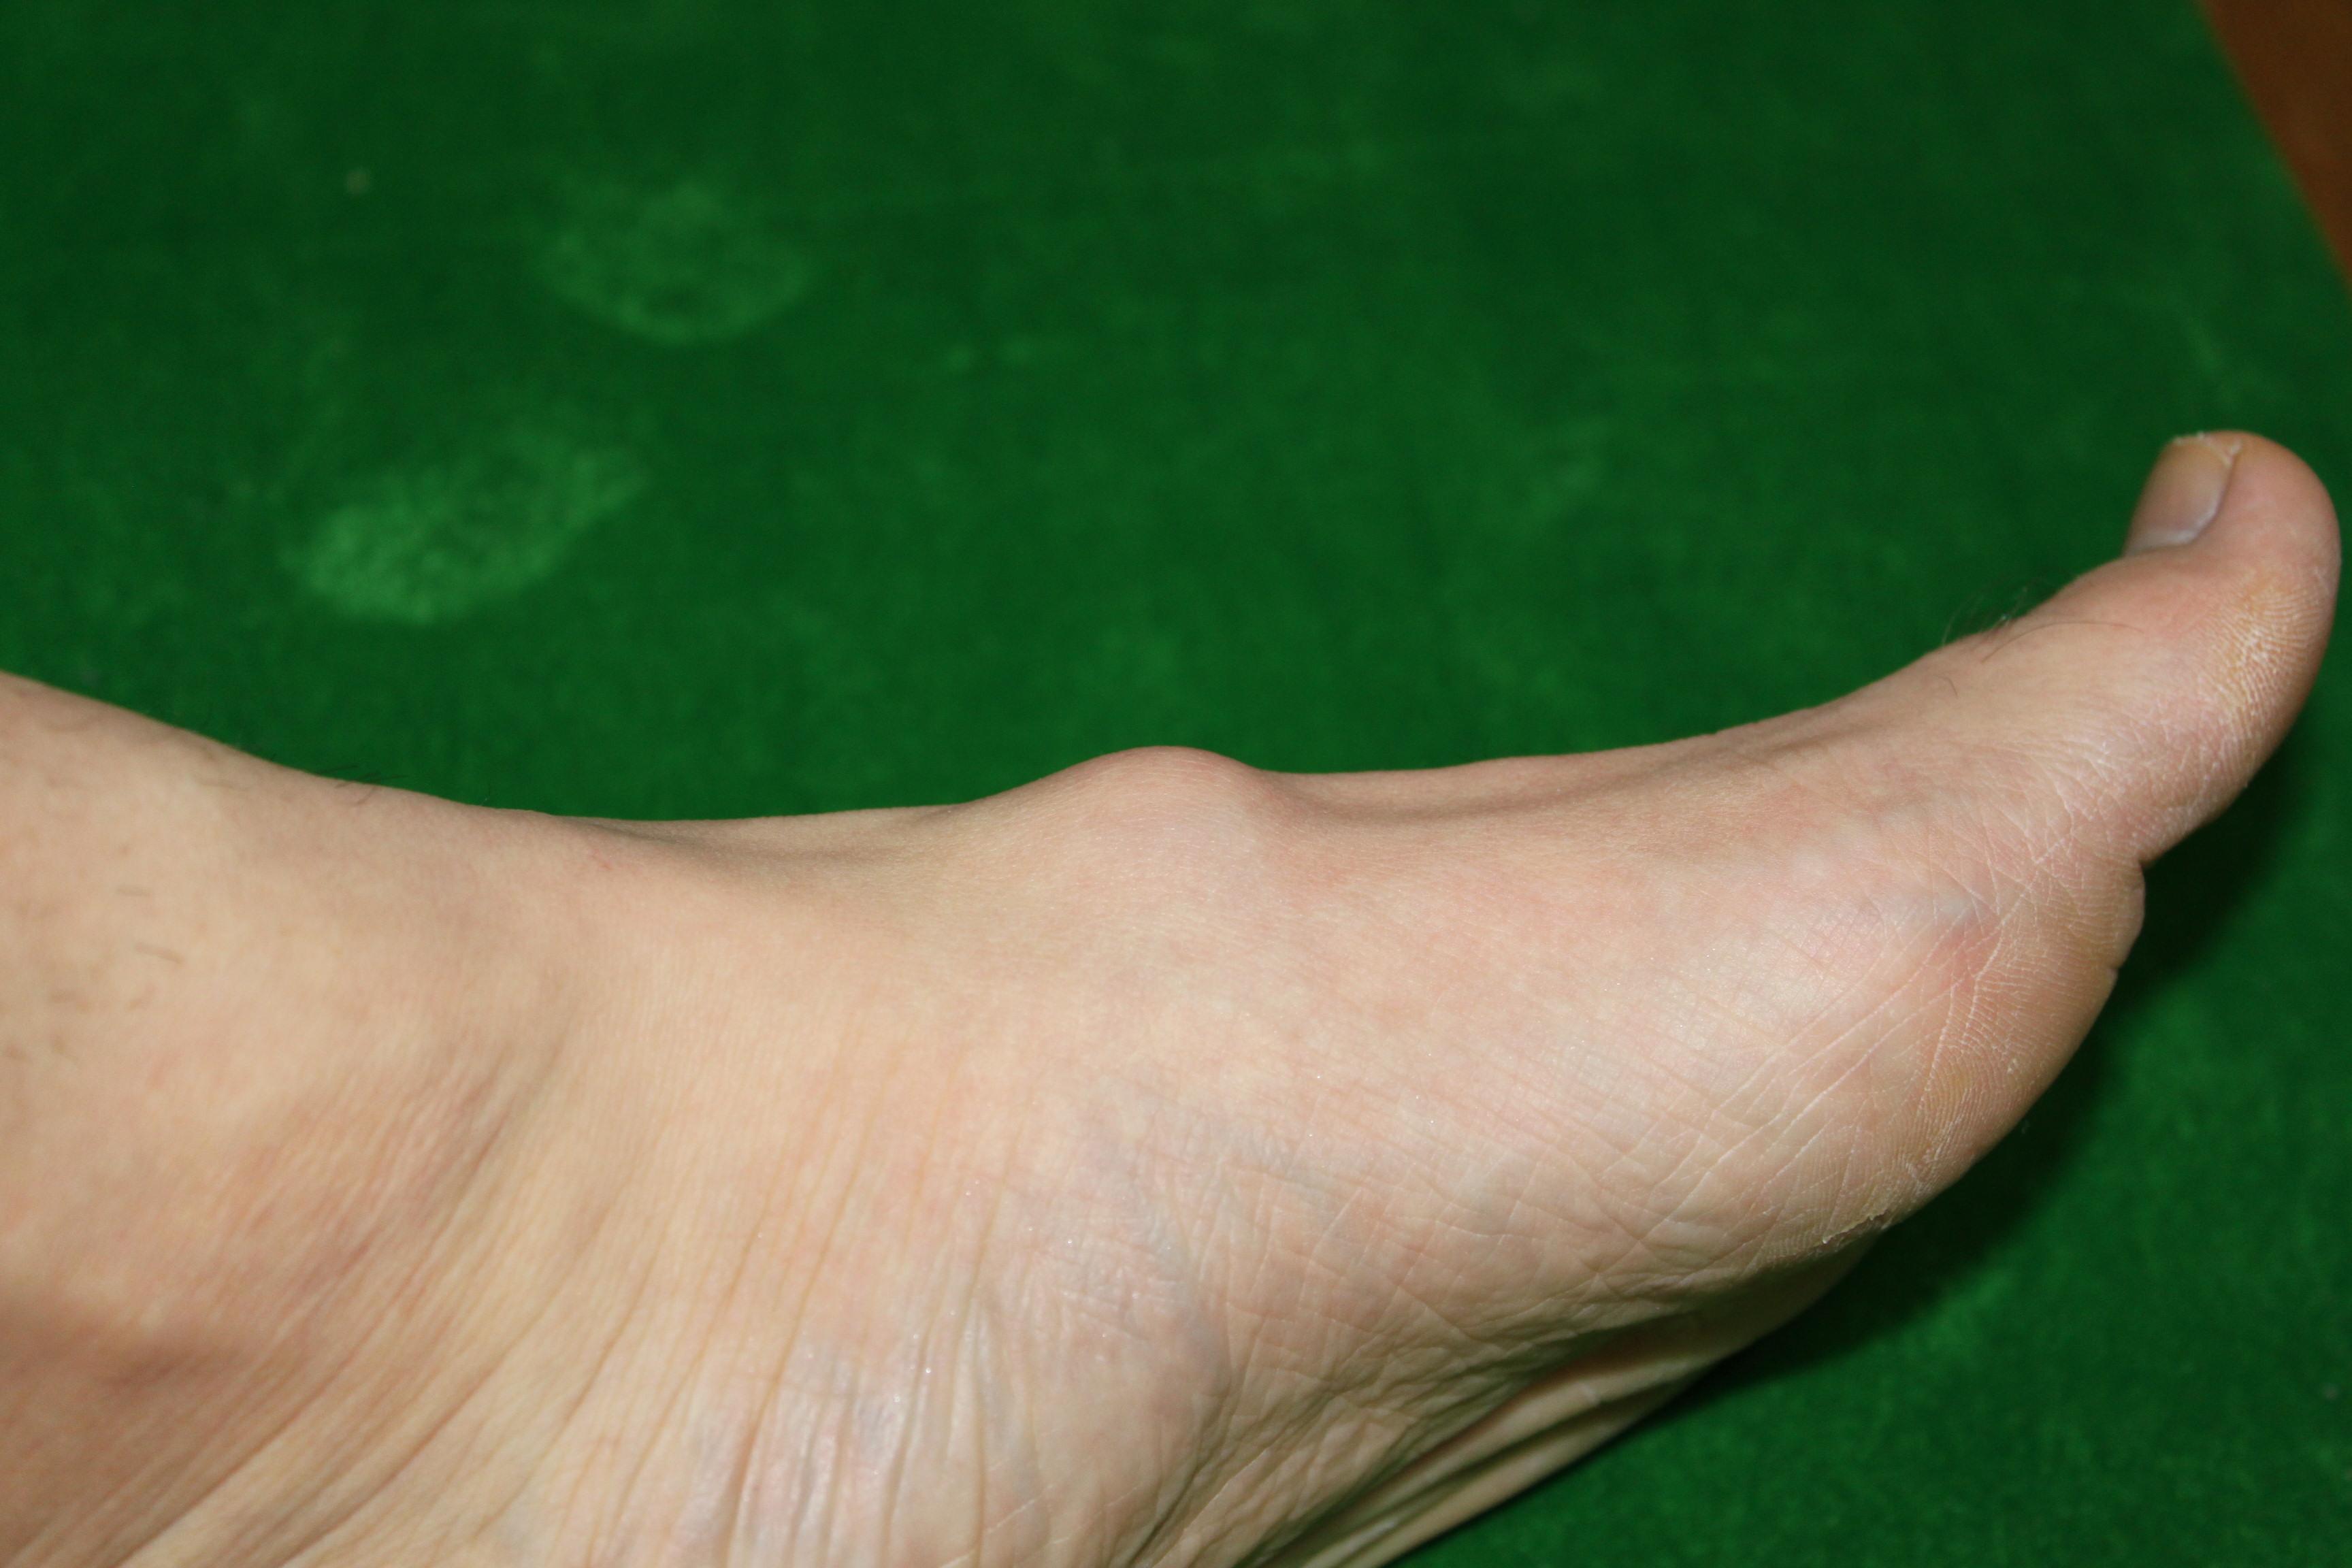 足の甲の部分がボコっと膨れてます。これがそう